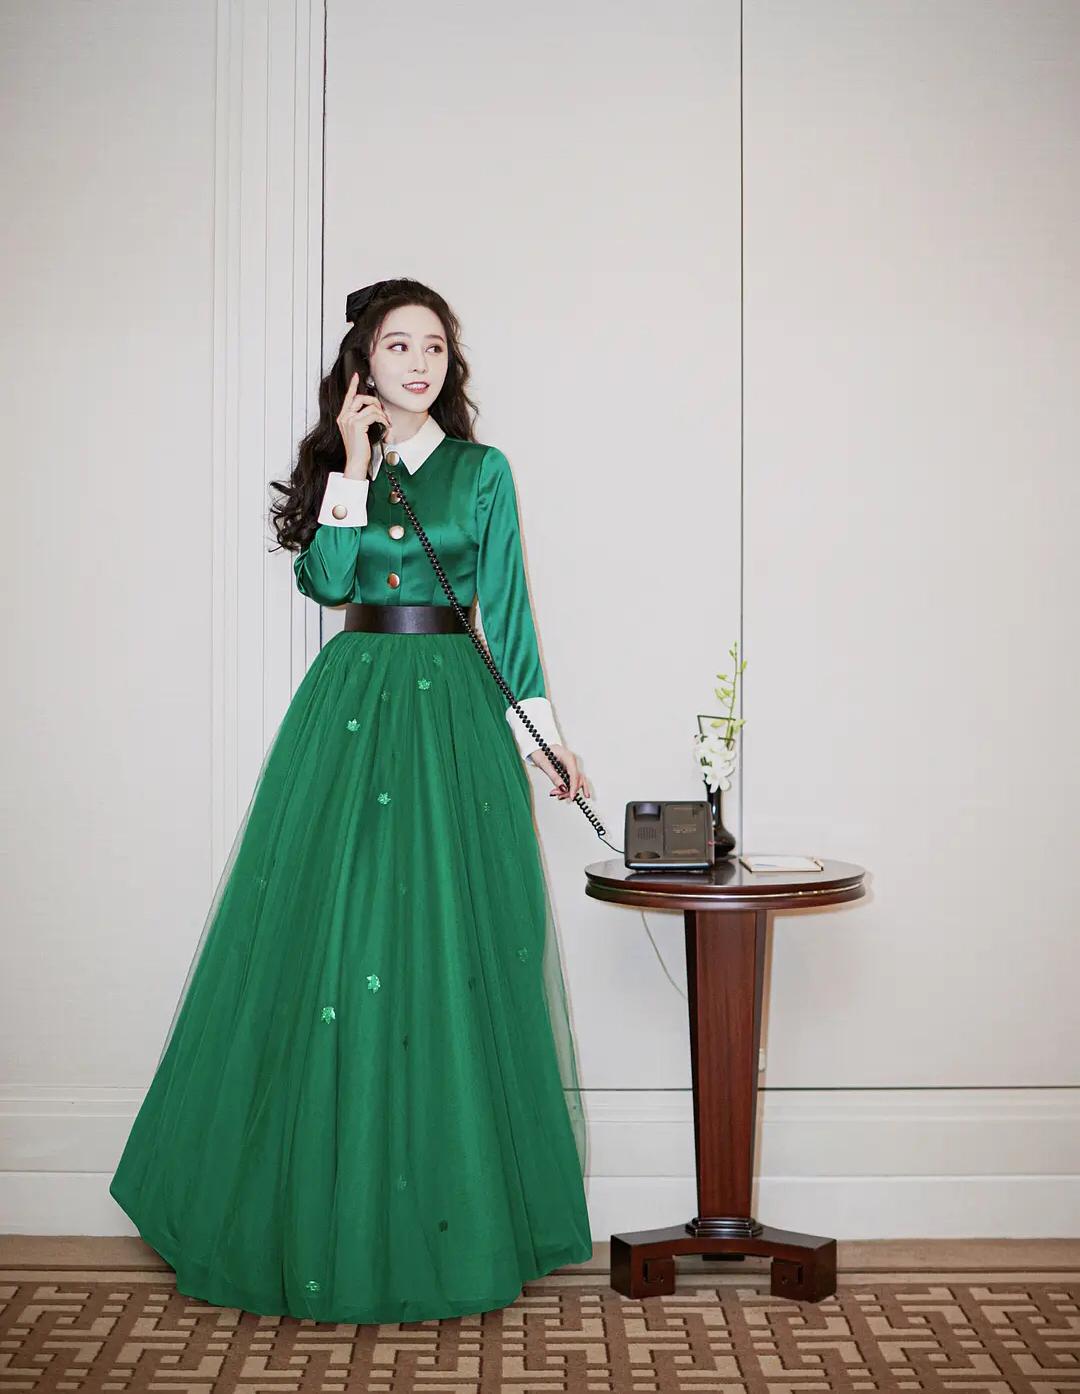 范冰冰现身深圳时装周,一袭白领绿色缎面公主裙绝美